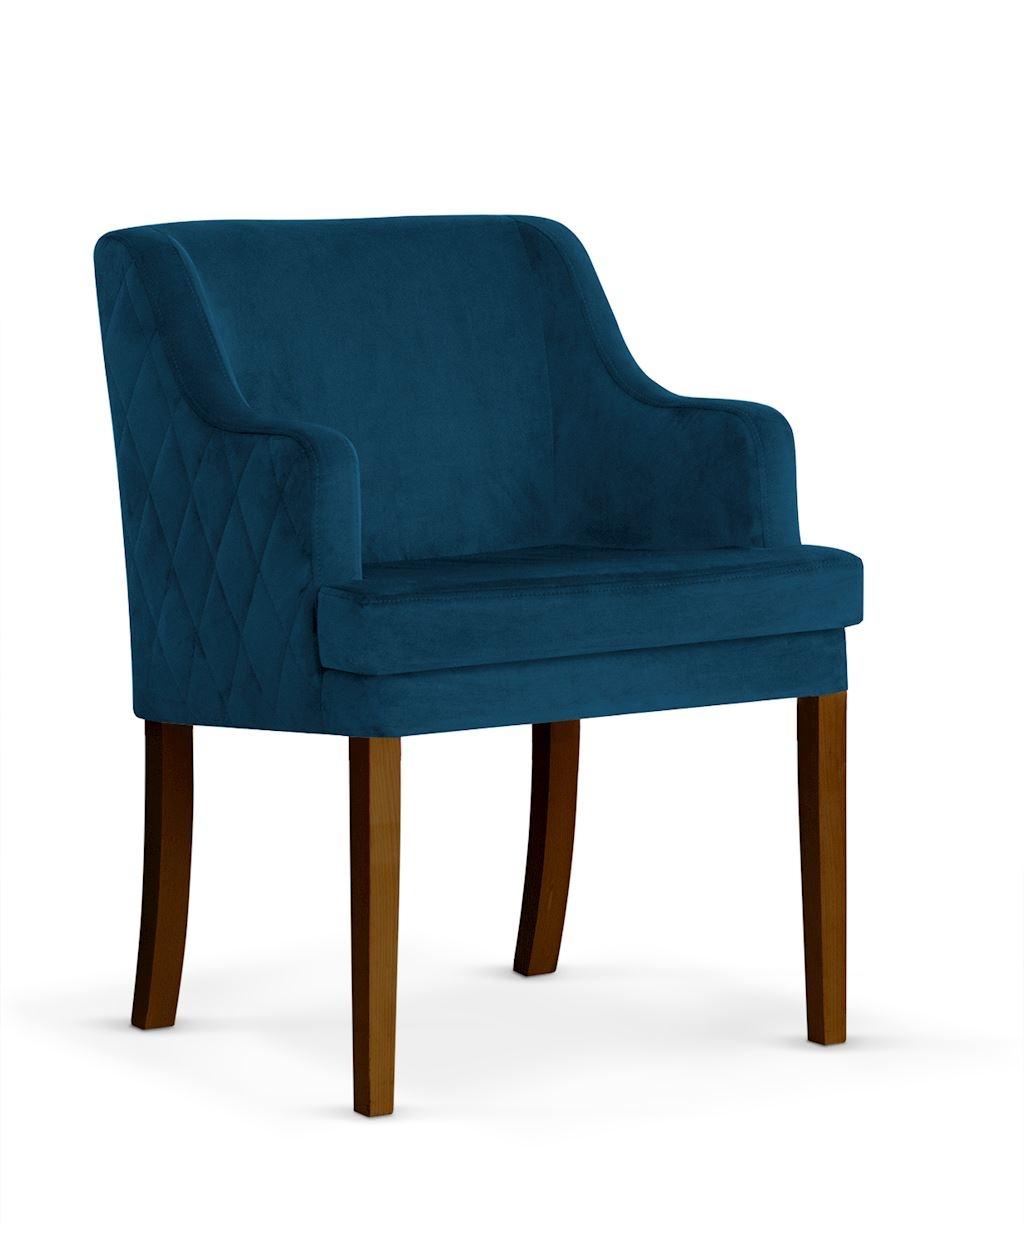 Fotoliu fix tapitat cu stofa, cu picioare din lemn Grand Navy Blue / Walnut, l58xA60xH89 cm poza